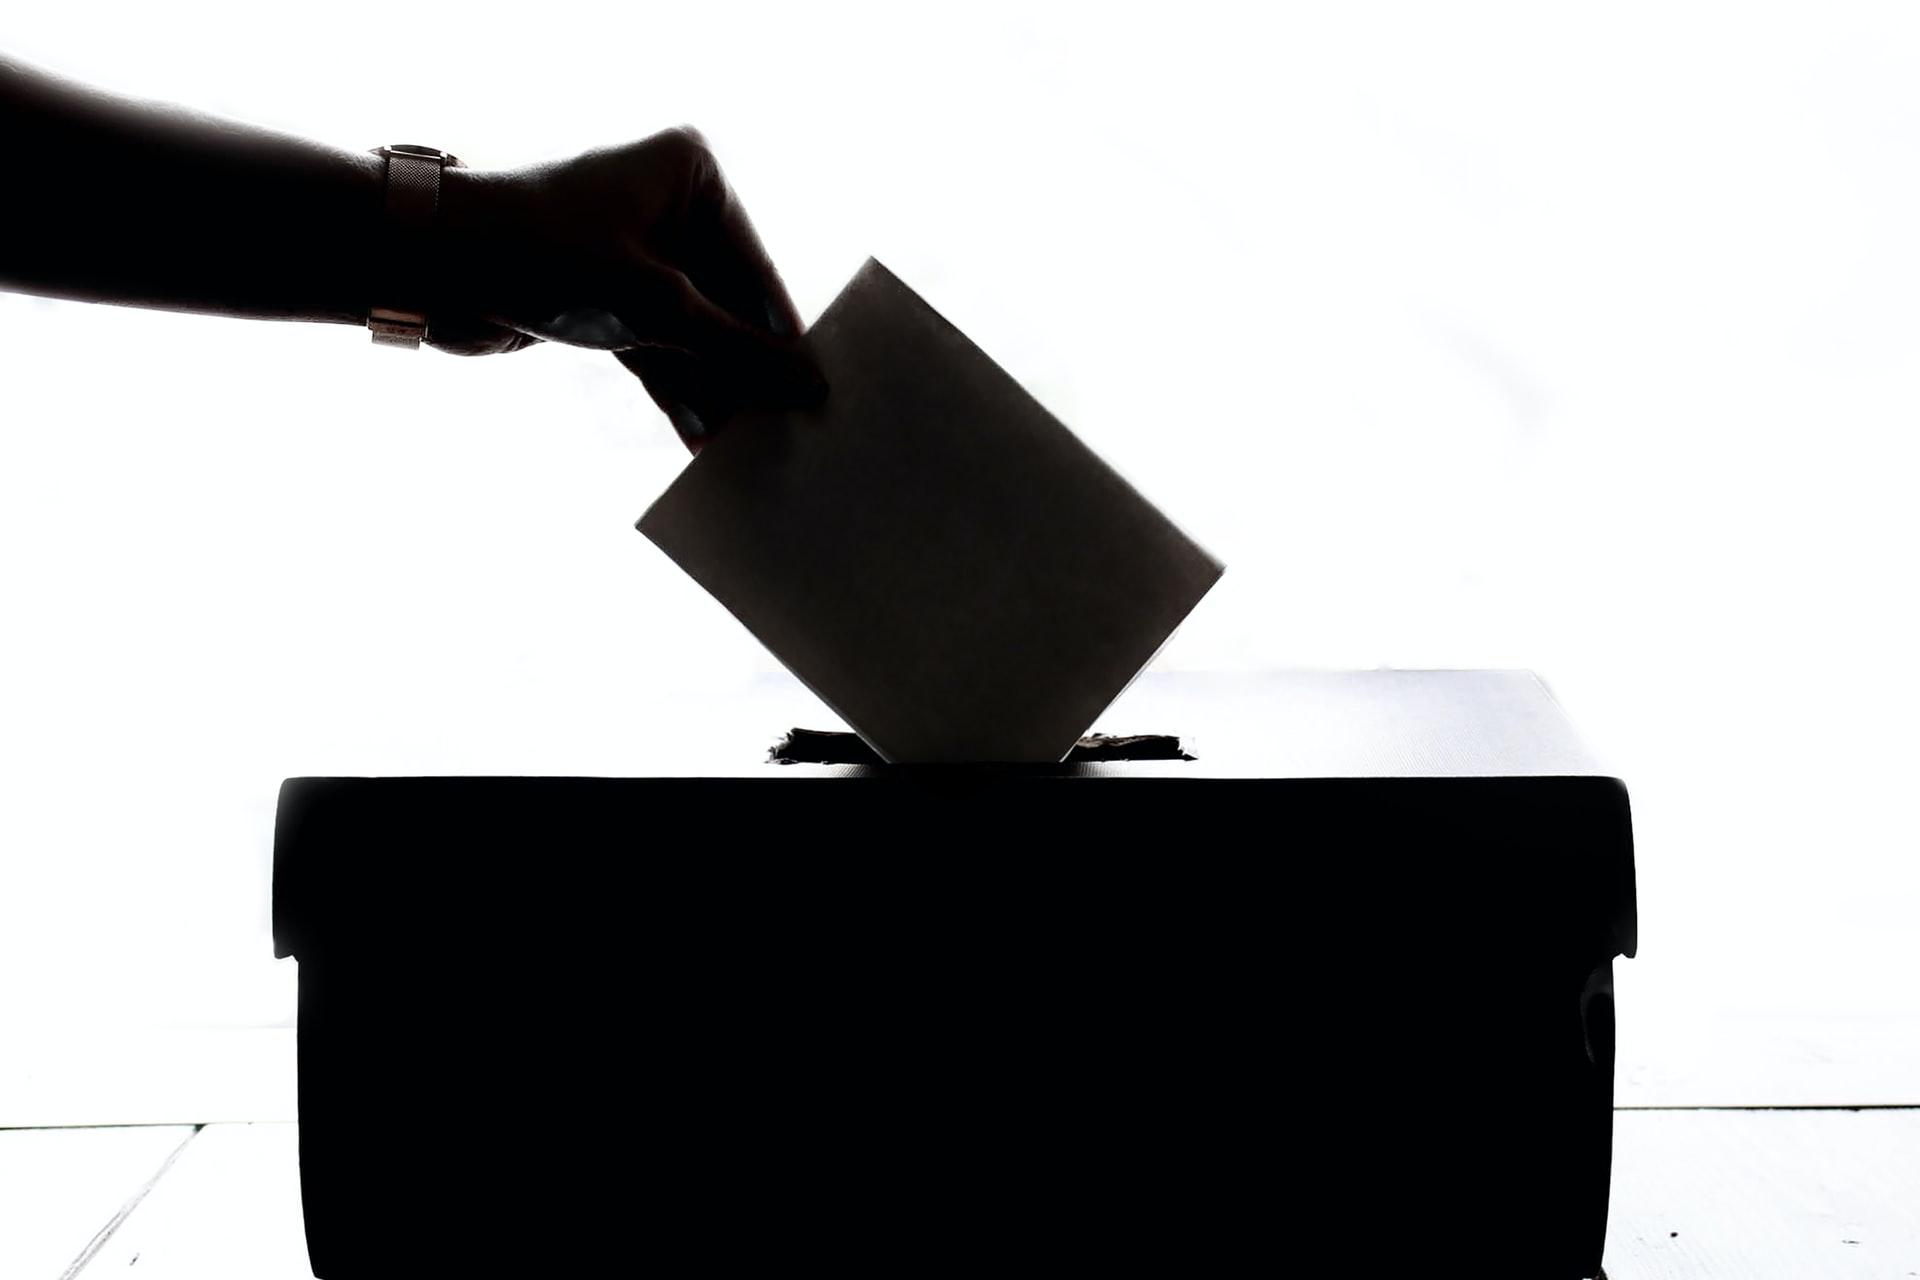 votar-mt.gox-unsplash